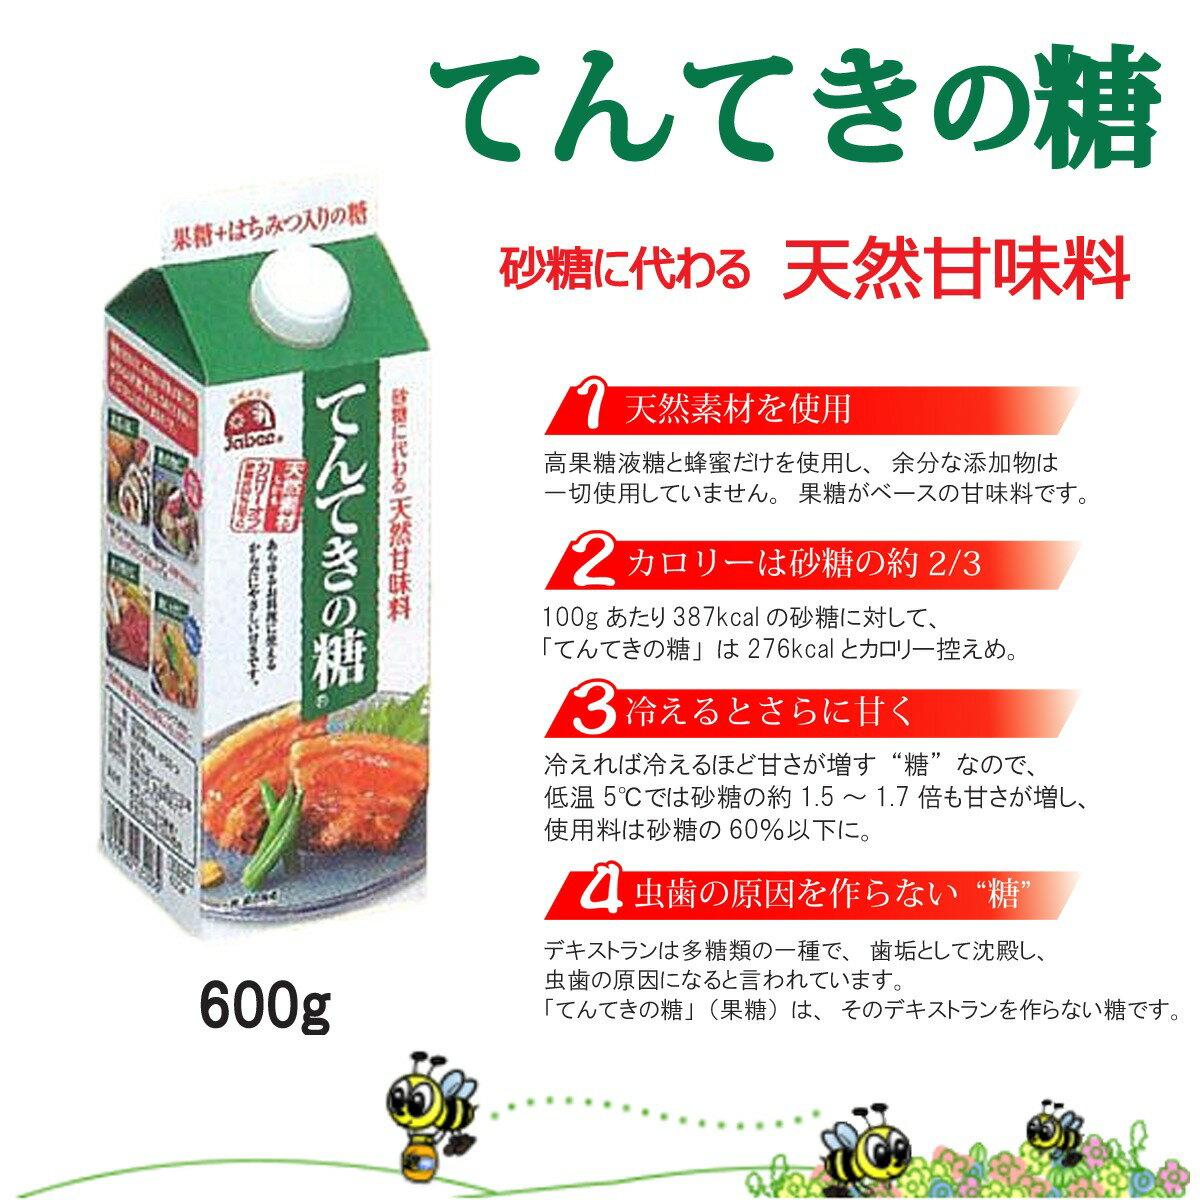 【やまと蜂蜜】てんてきの糖600g(600g×1本)